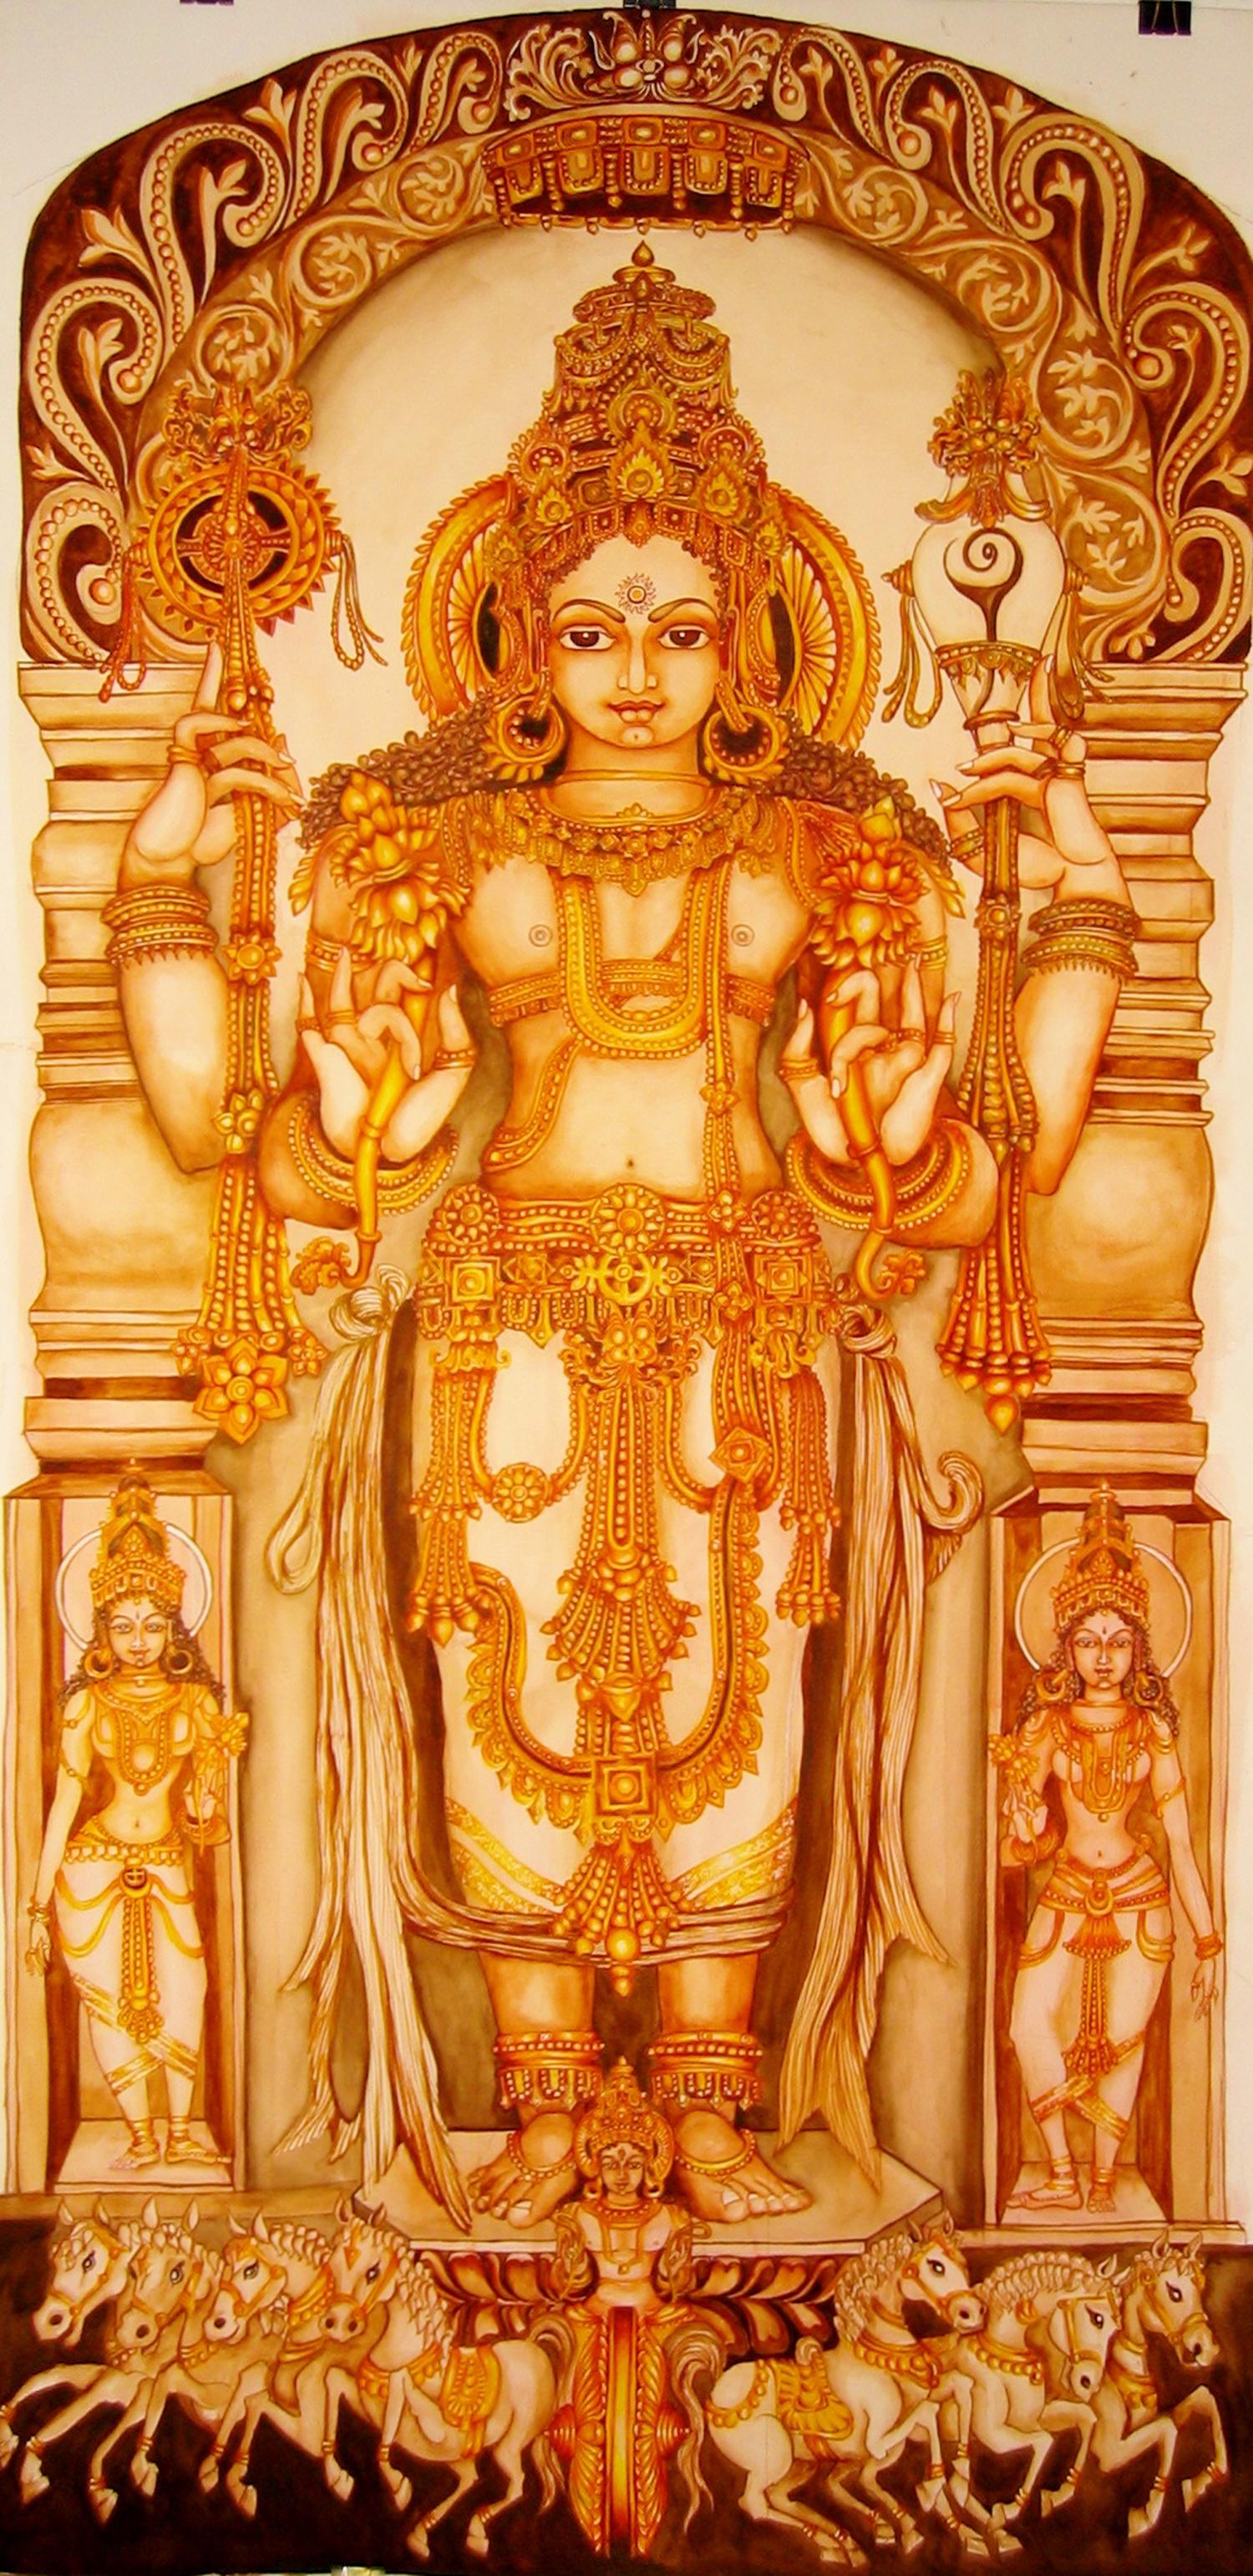 Surya Narayana